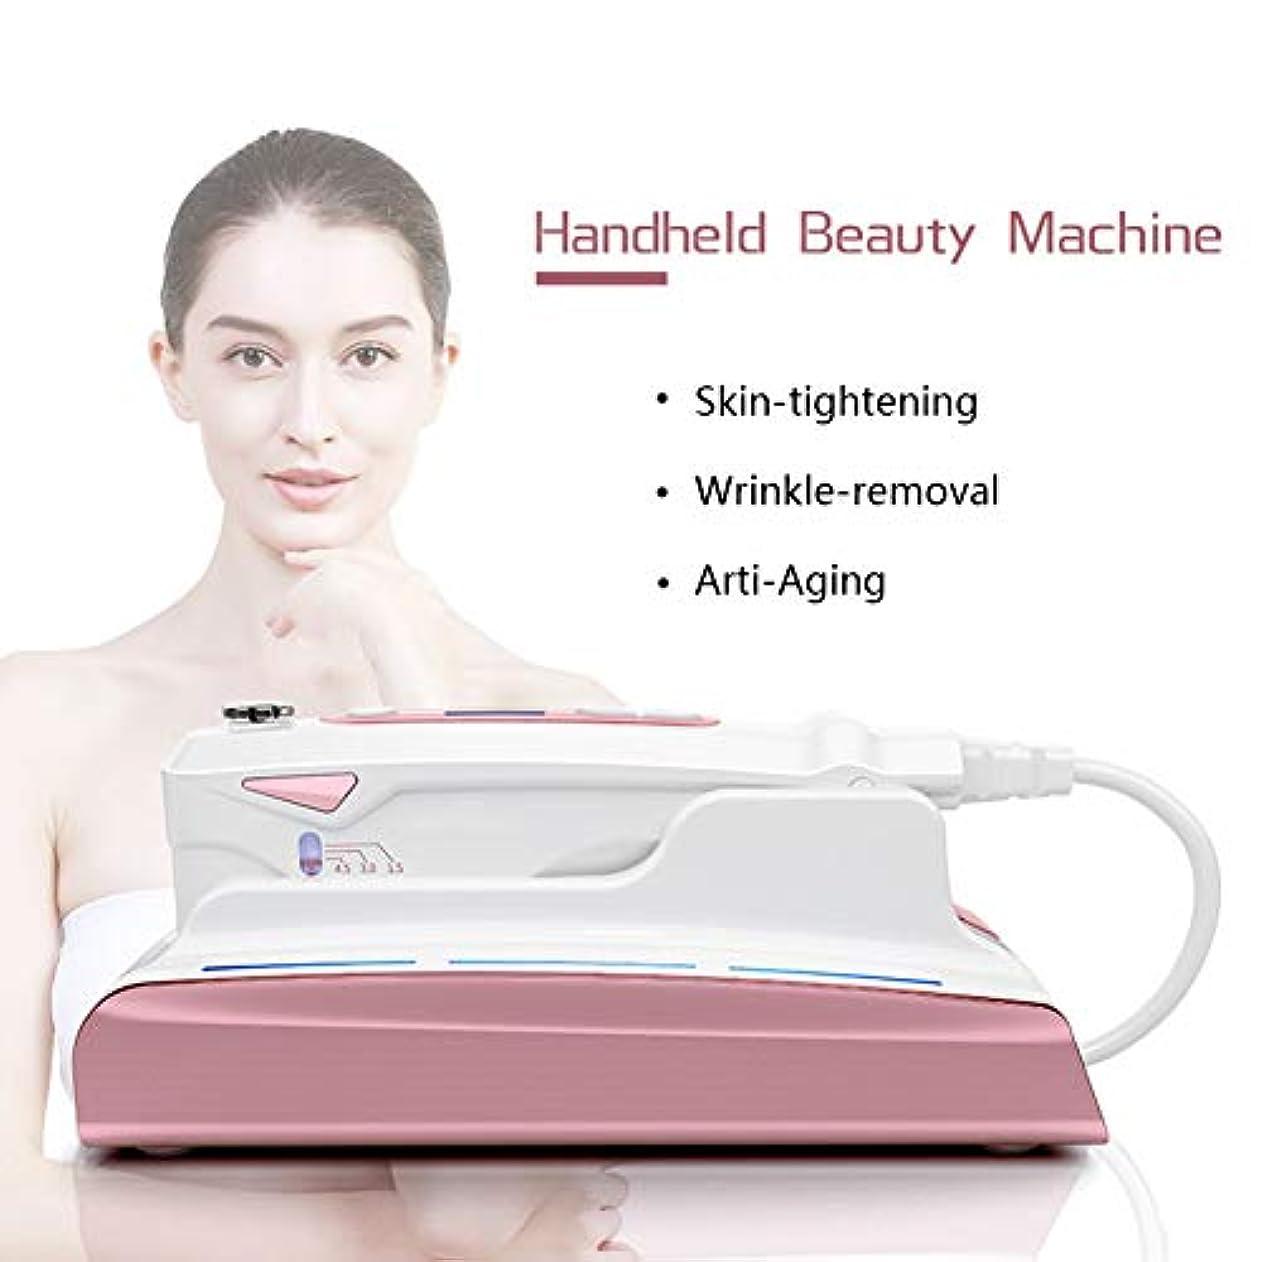 刺します邪魔デクリメントひふ 3 in 1 顔の肌の引き締め 美容機 と 3つの深さ、 しわの除去 顔の美白 老化防止 ハンドヘルド スキンケア フェイスリフティング 端末